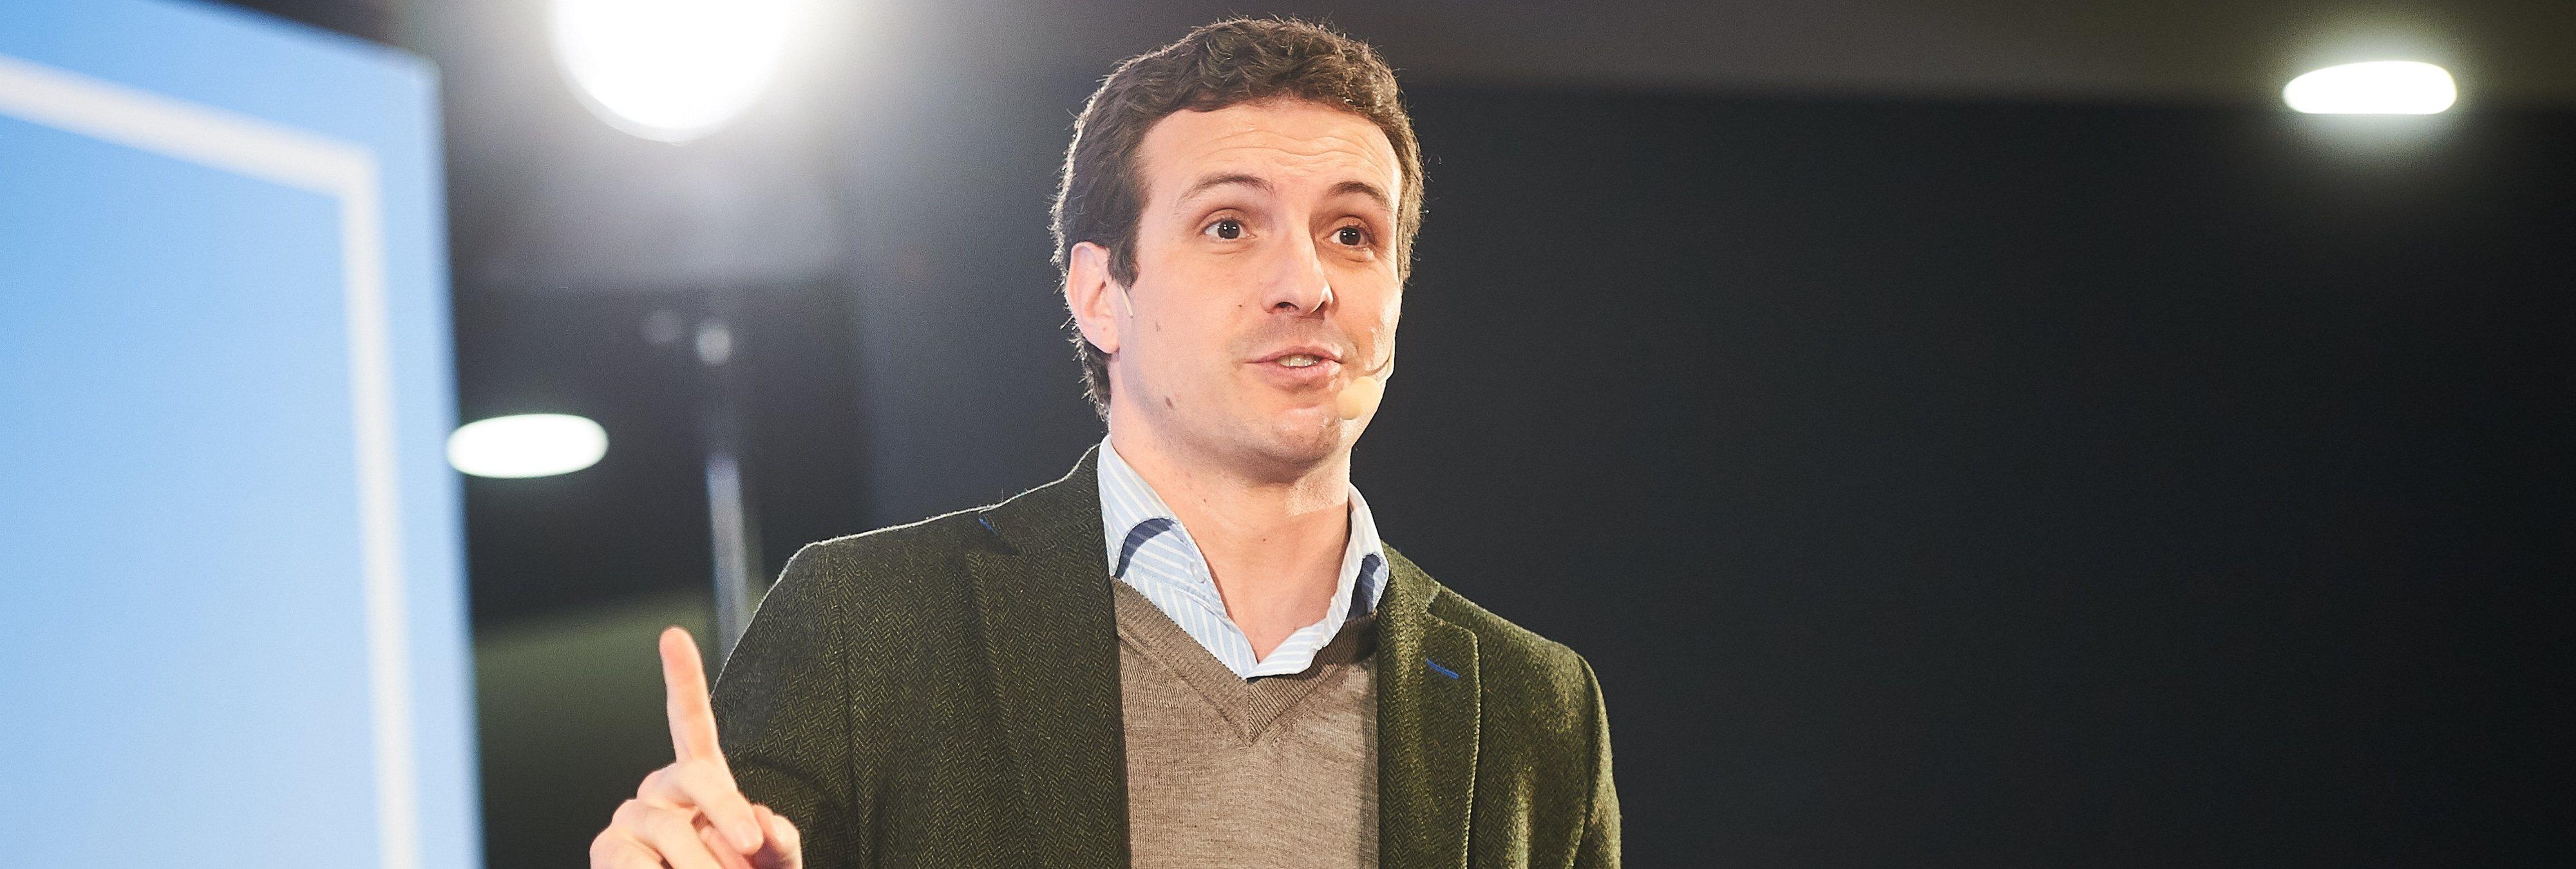 Pablo Casado quiere bajar el Salario Mínimo por primera vez en la historia